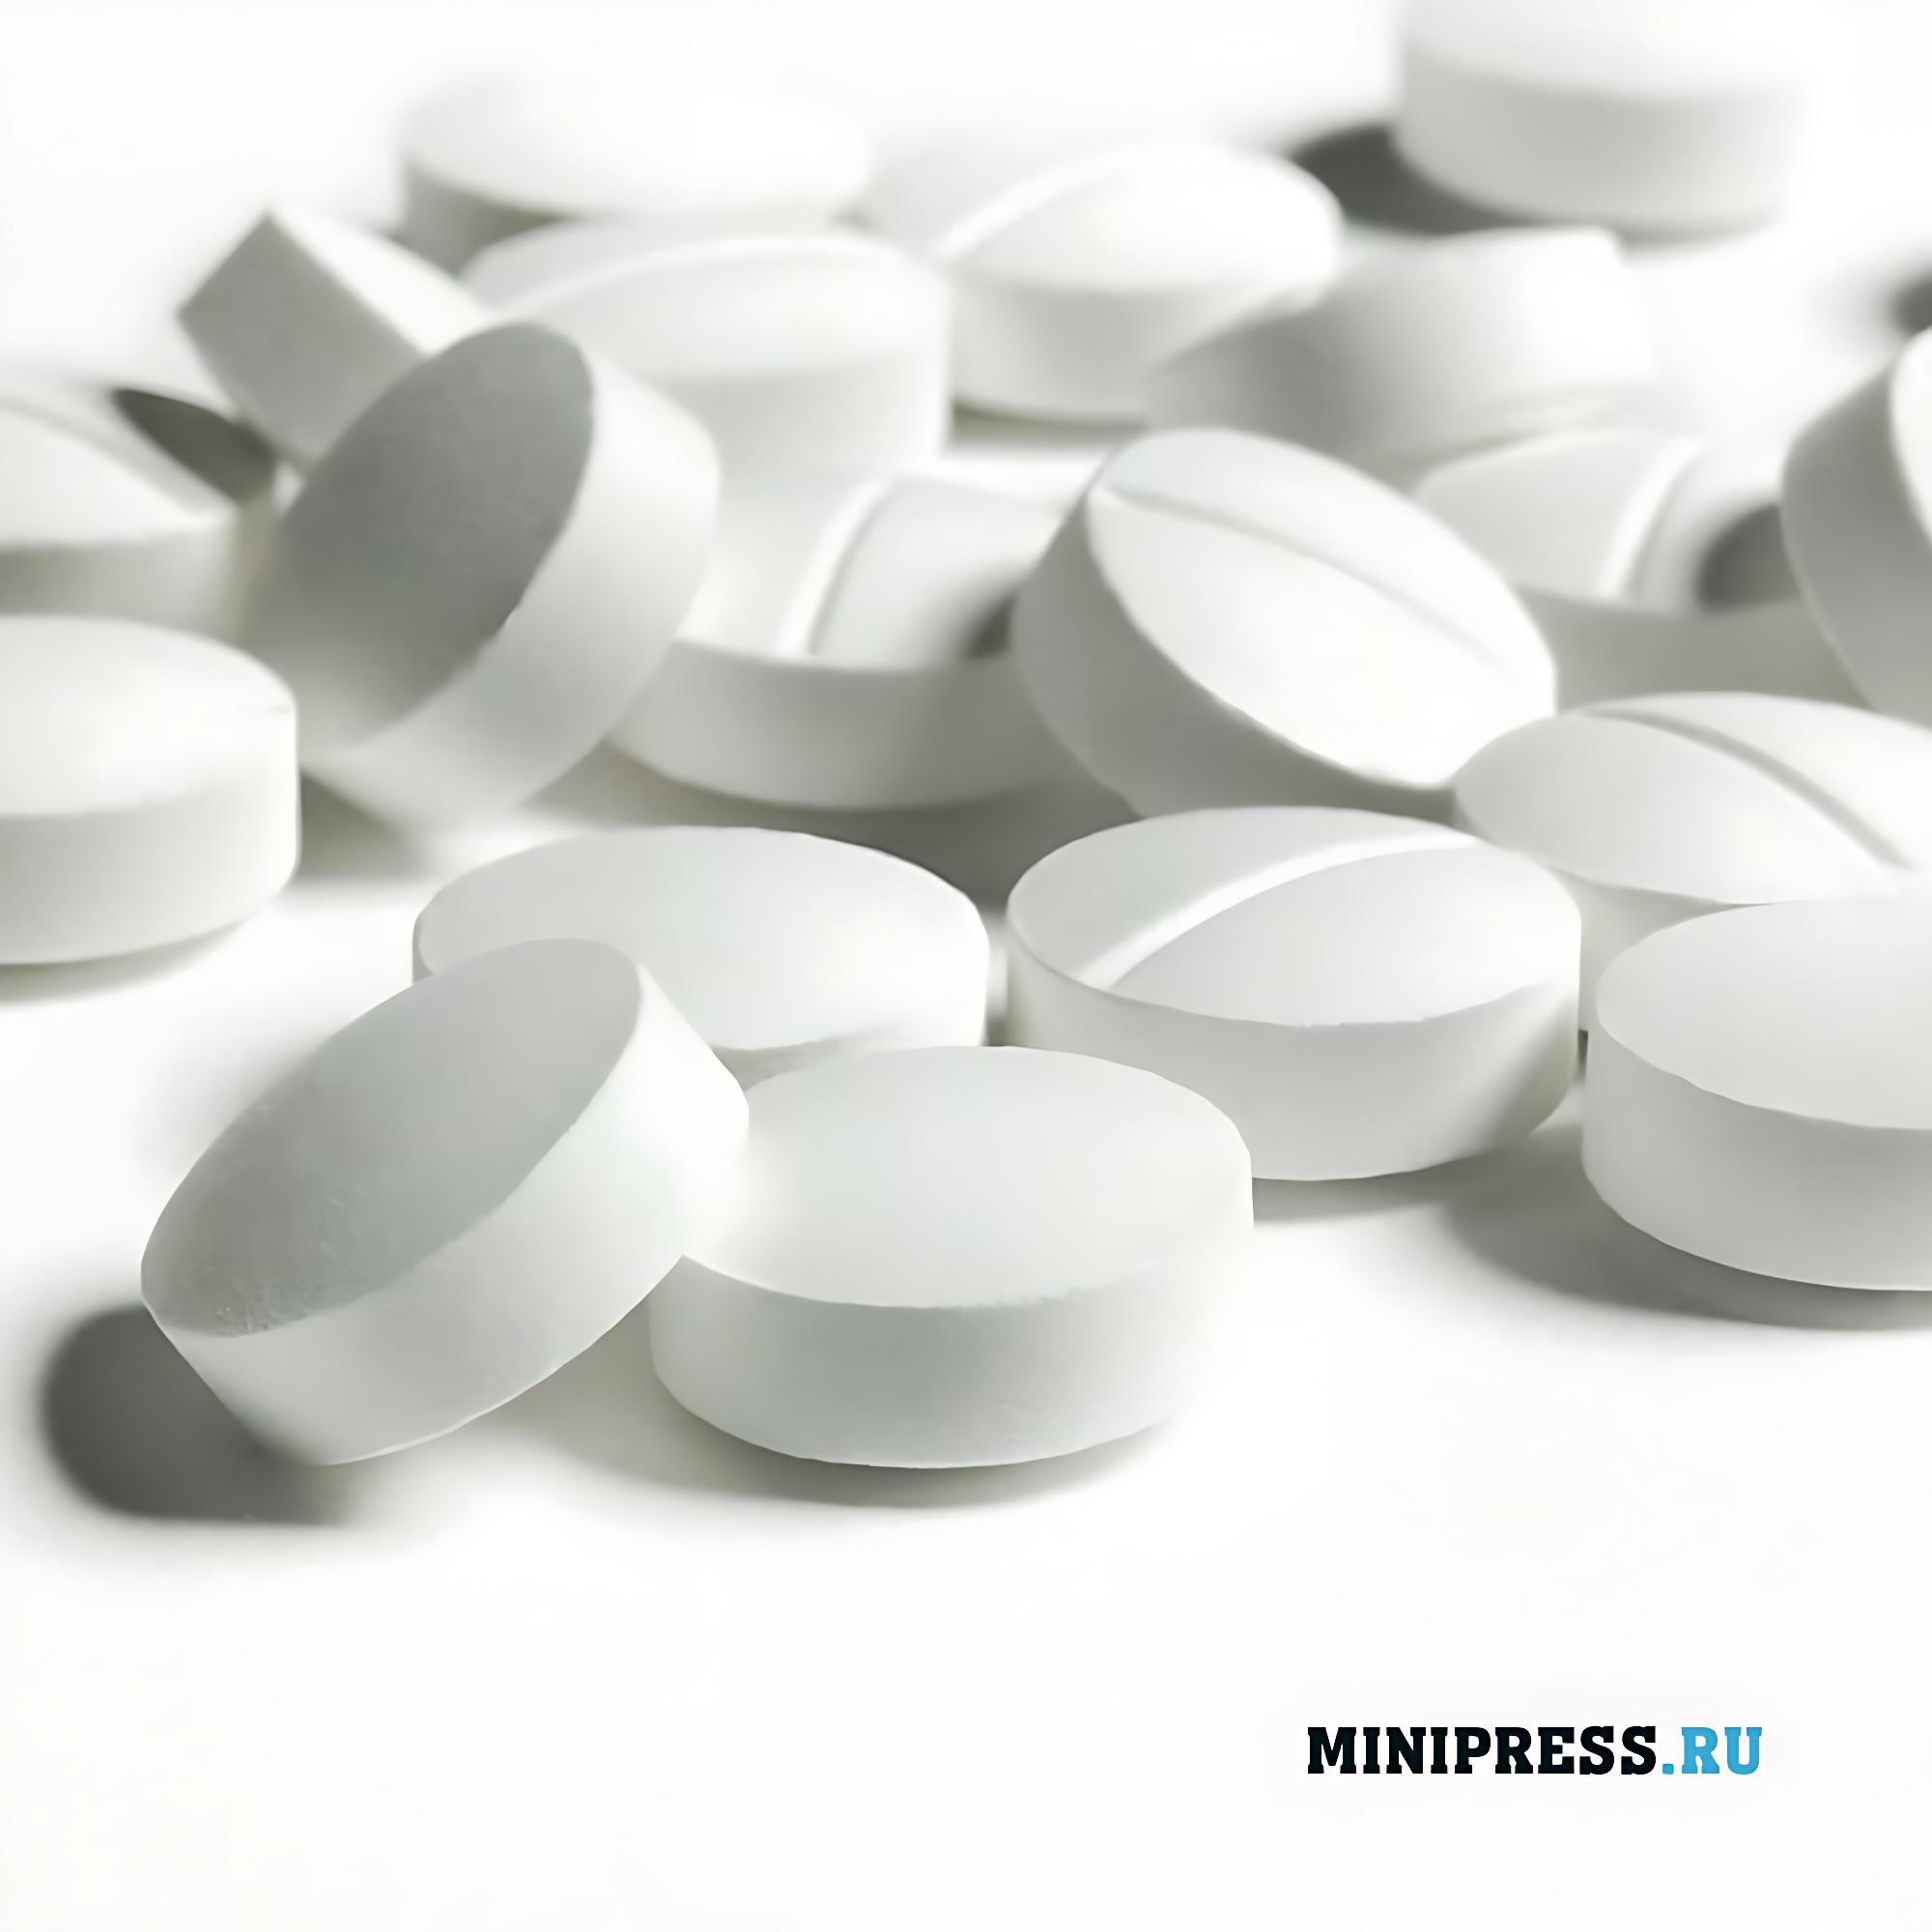 Связующее вещество для прессования таблеток